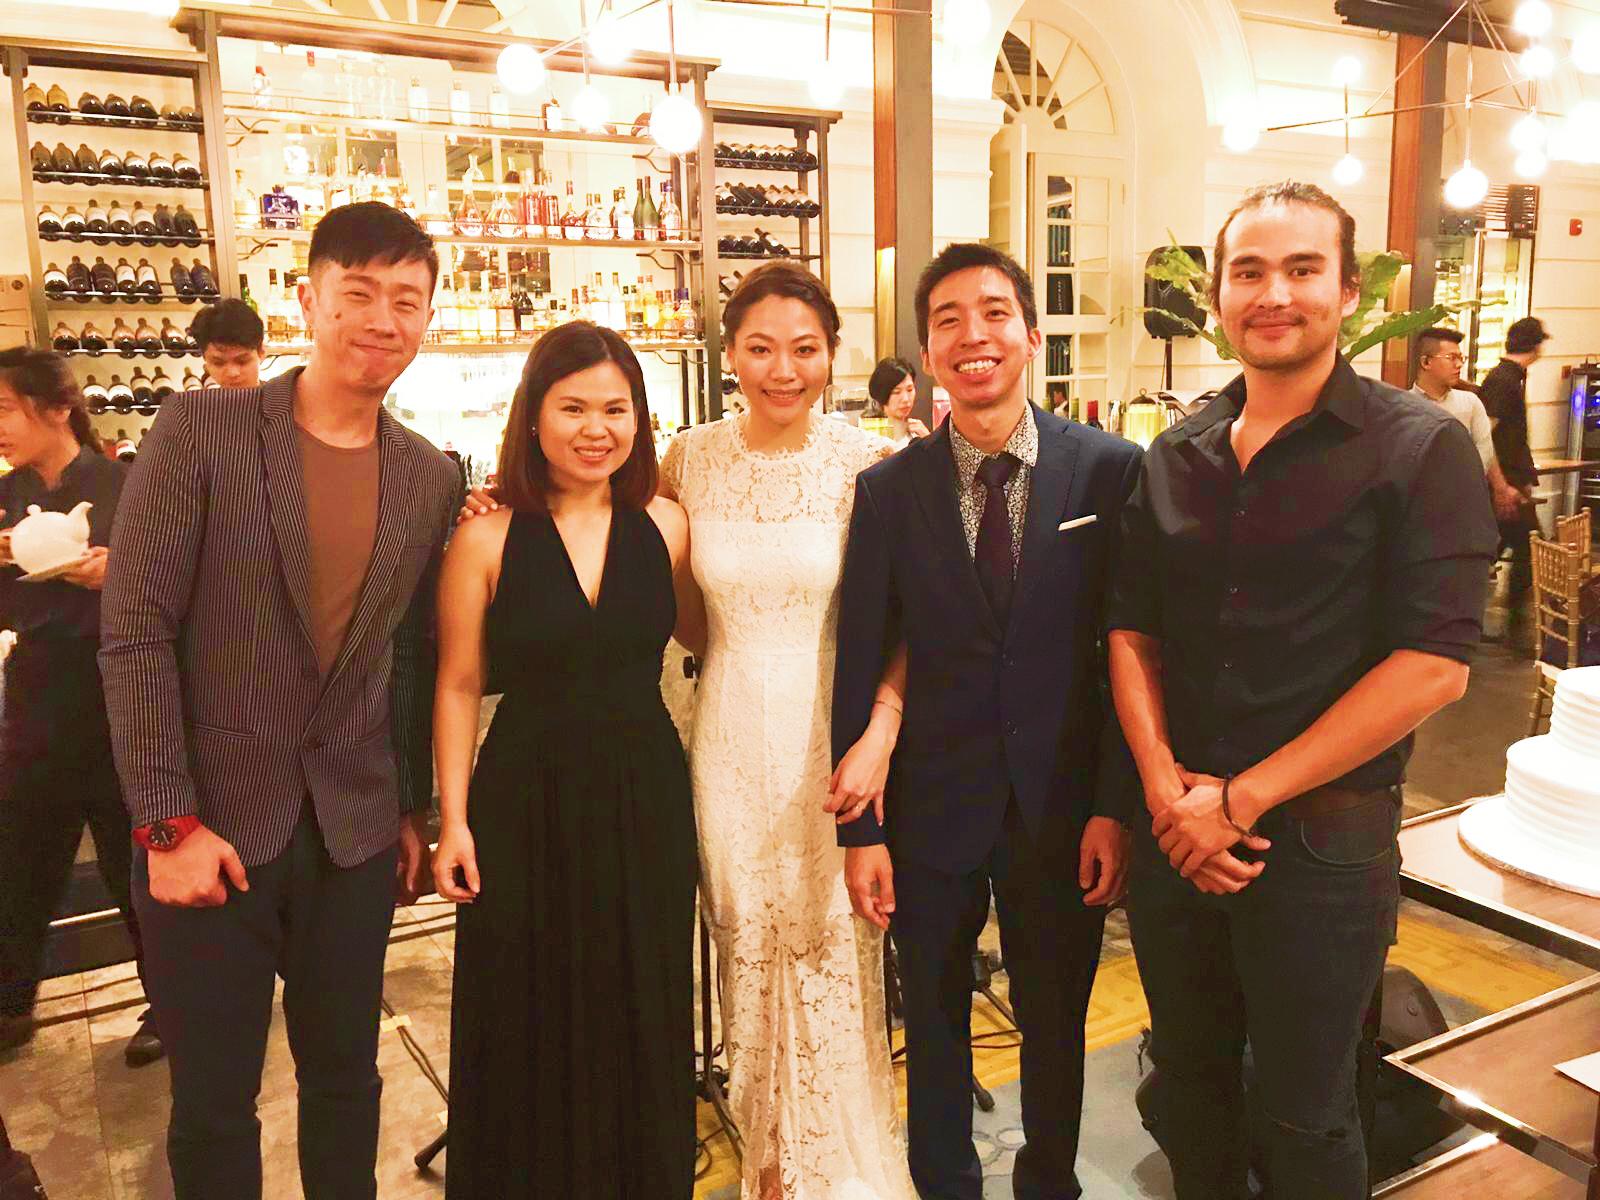 JinXian & FangXian's Wedding Dinner